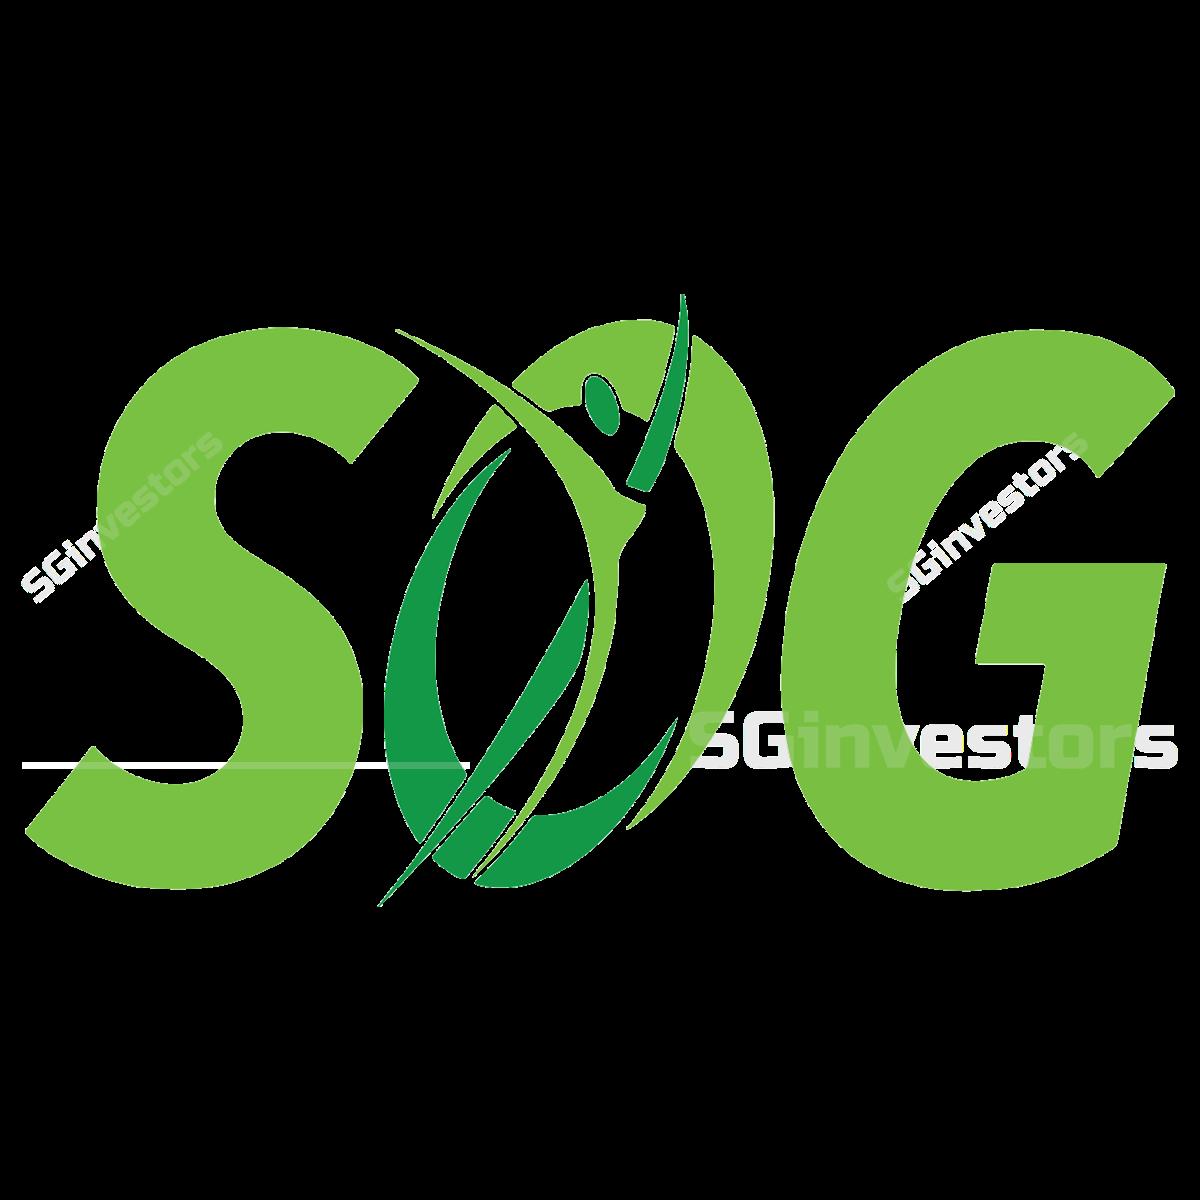 SINGAPORE O&G LTD. (SGX:1D8) @ SGinvestors.io